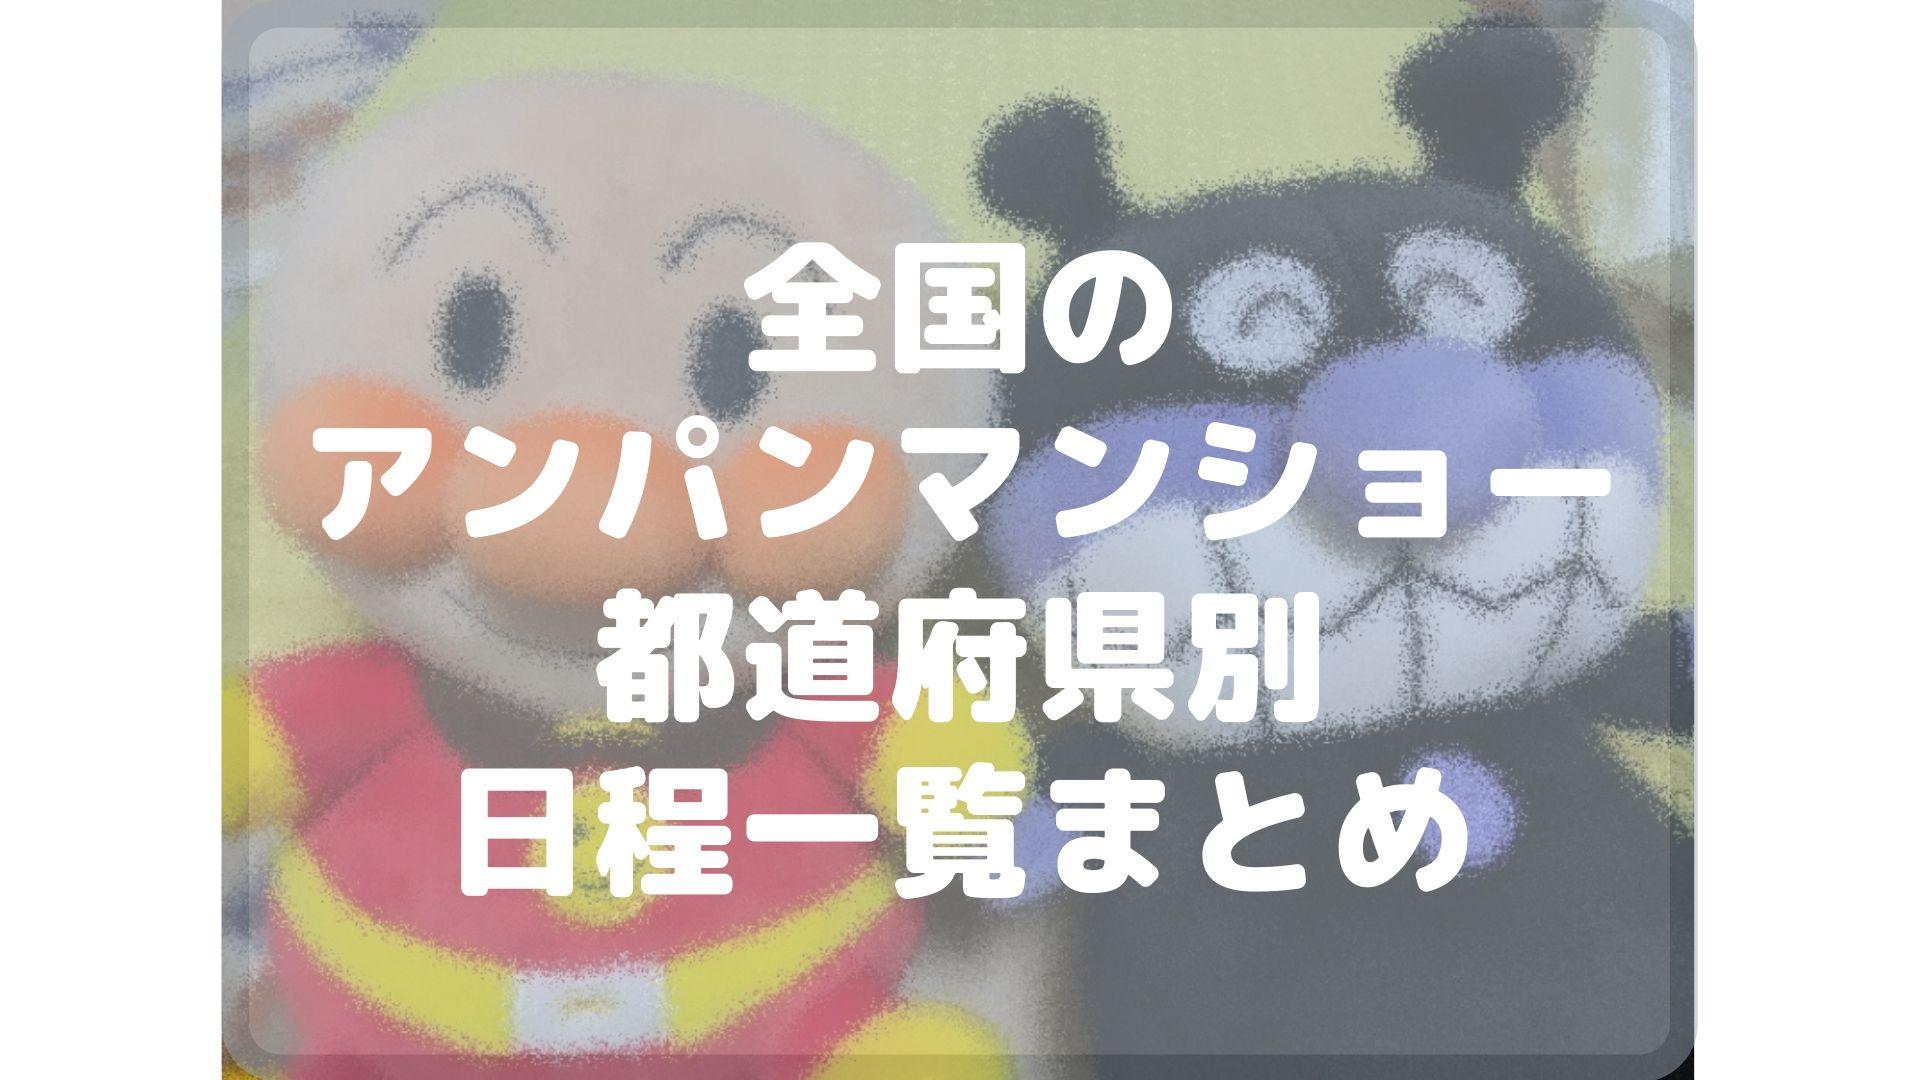 全国のアンパンマンショー都道府県別まとめタイトル画像